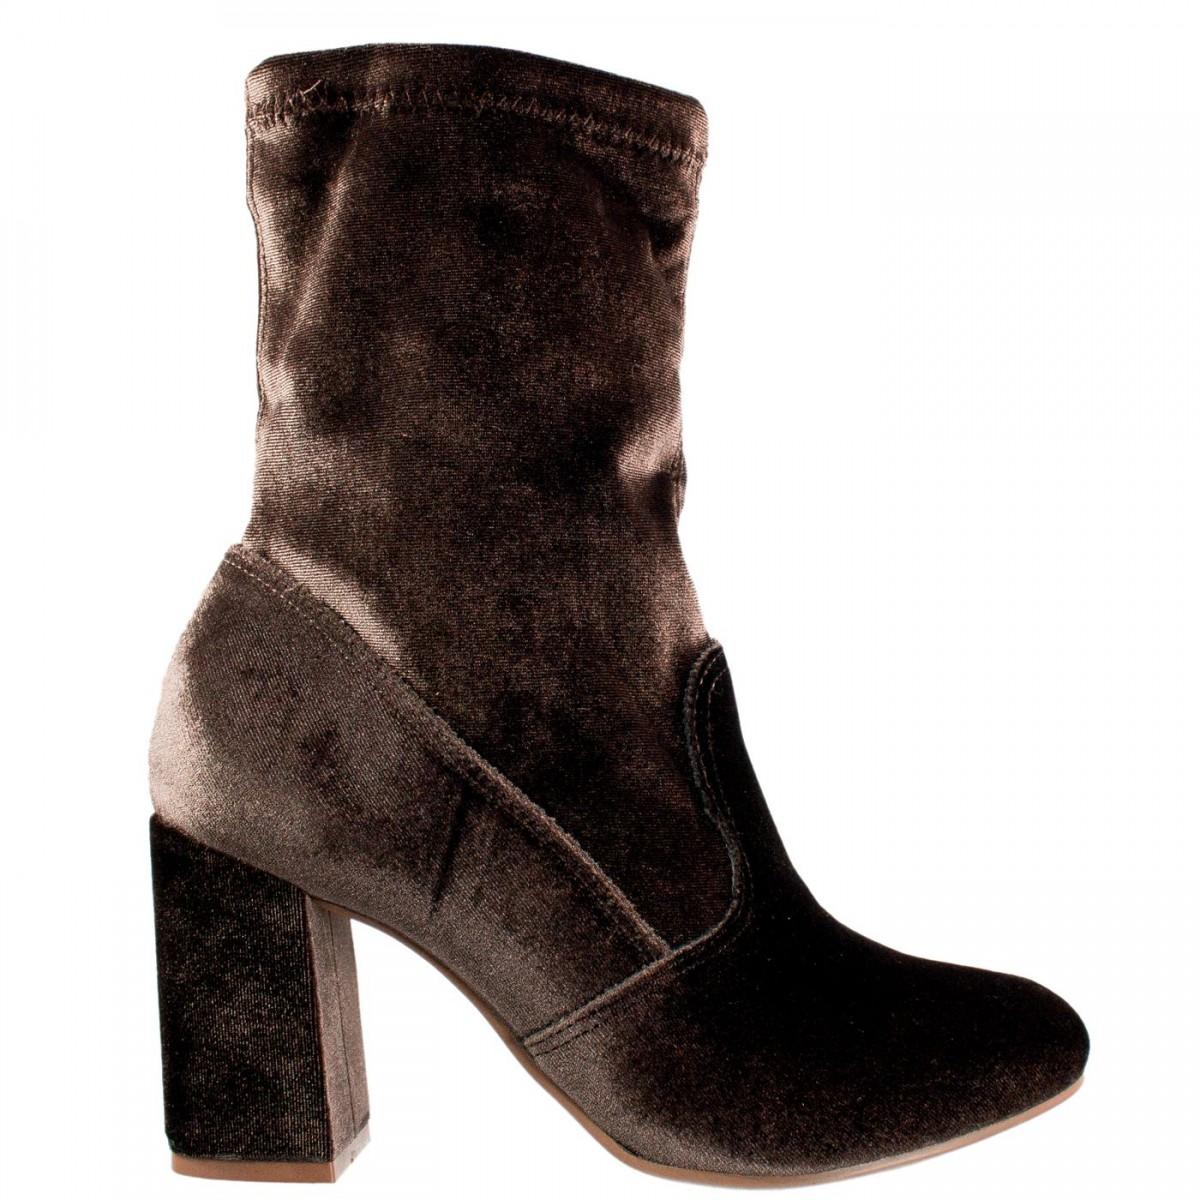 91687017c2 Bizz Store - Bota Feminina Via Marte Veludo Stretch Salto Grosso